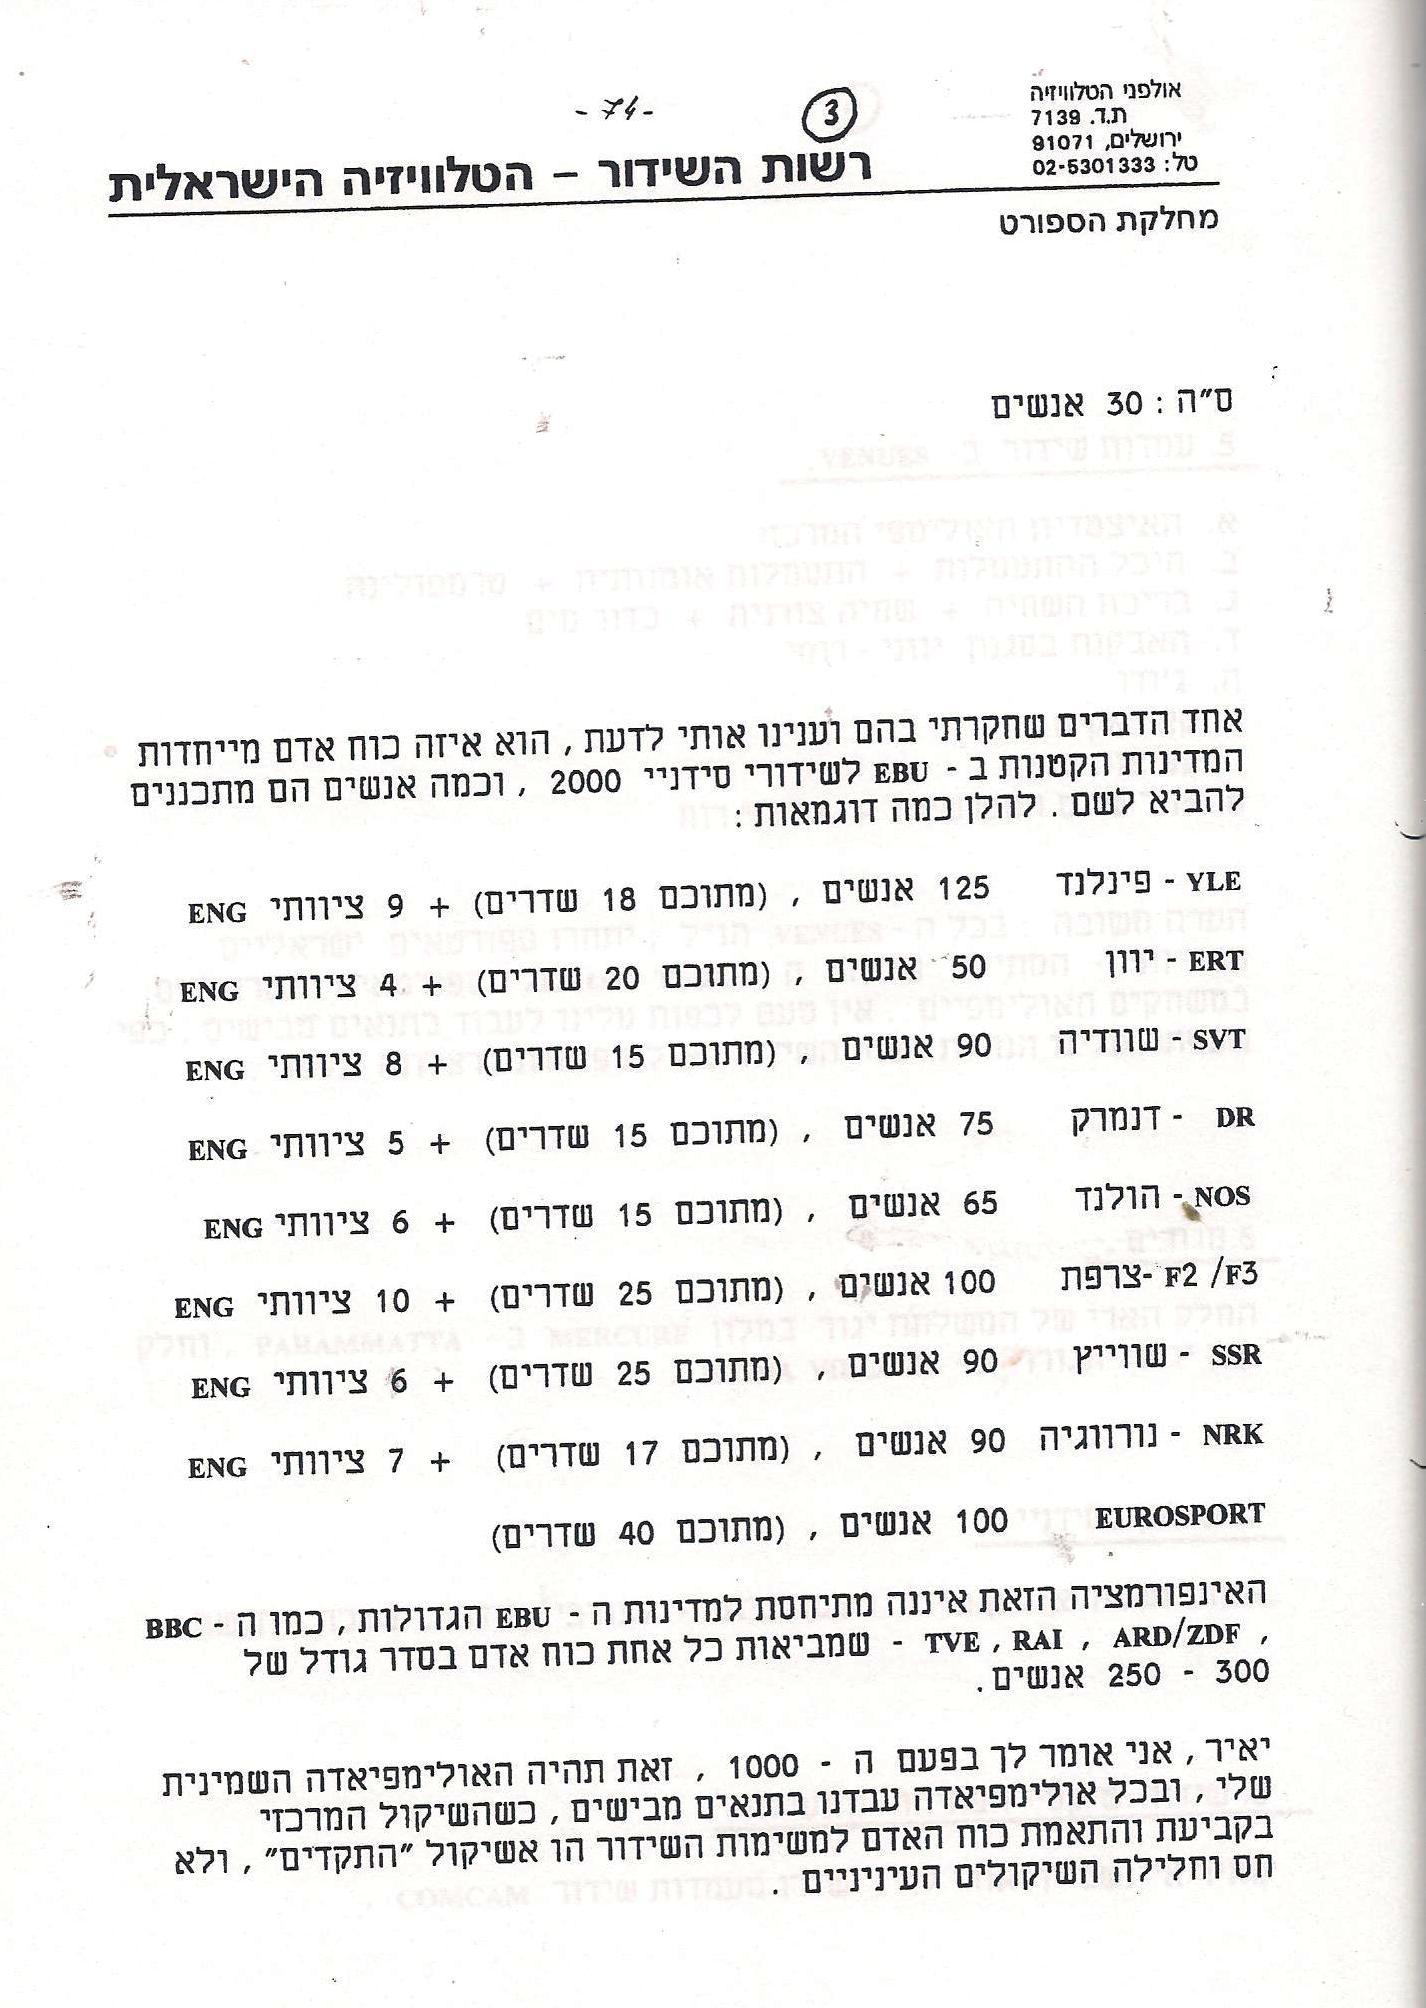 raport 19